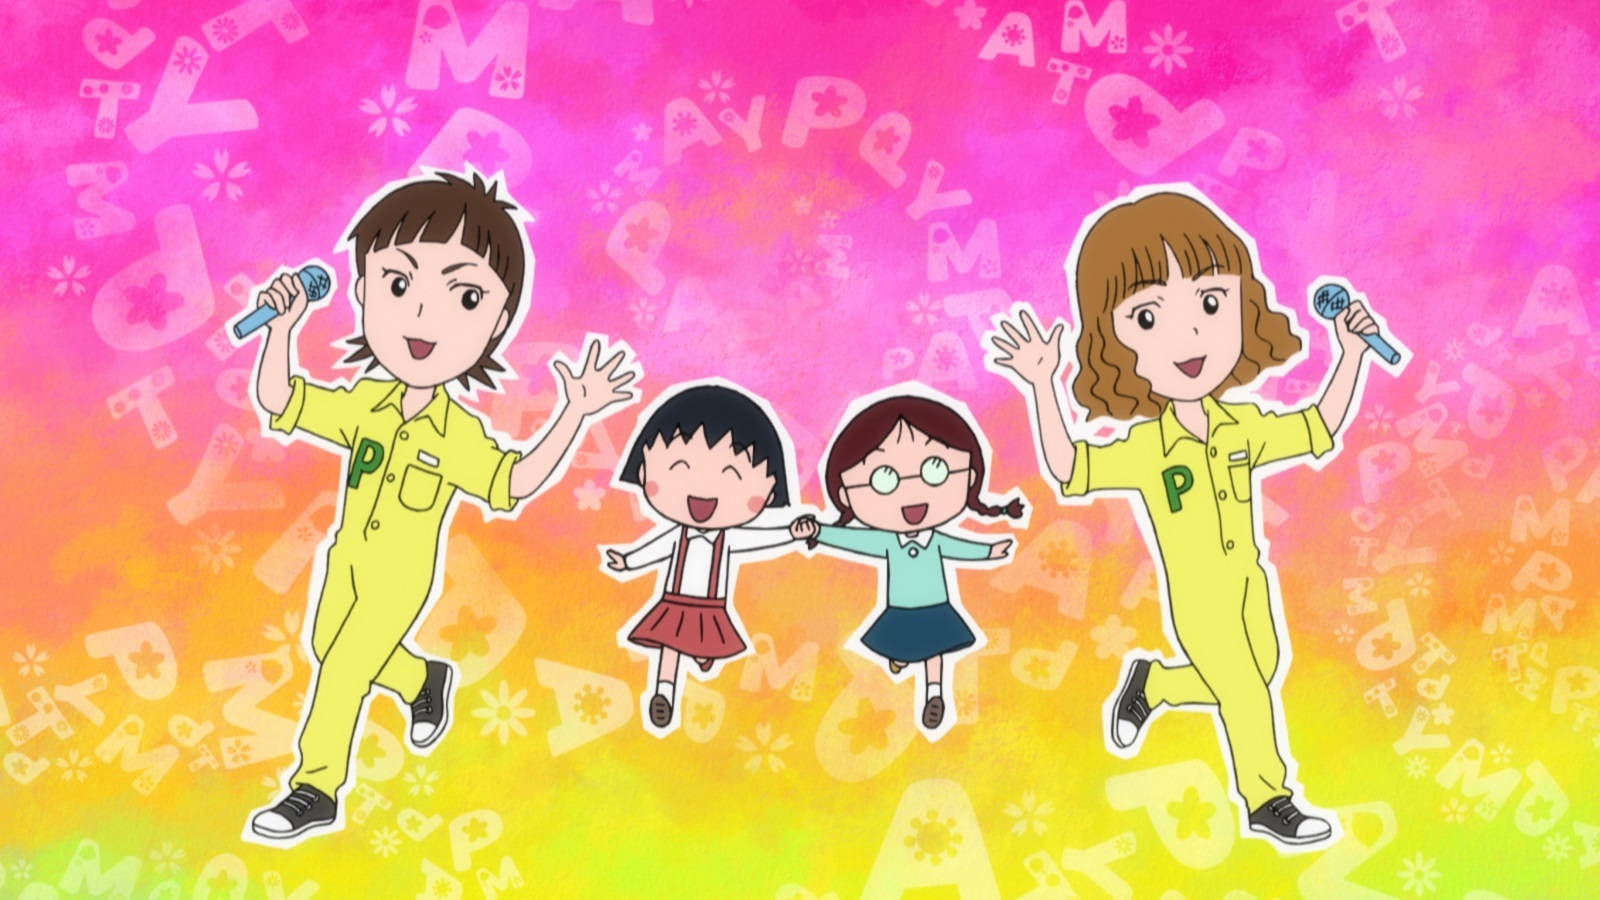 ちびまる子ちゃん&PUFFY (C)さくらプロダクション/日本アニメーション